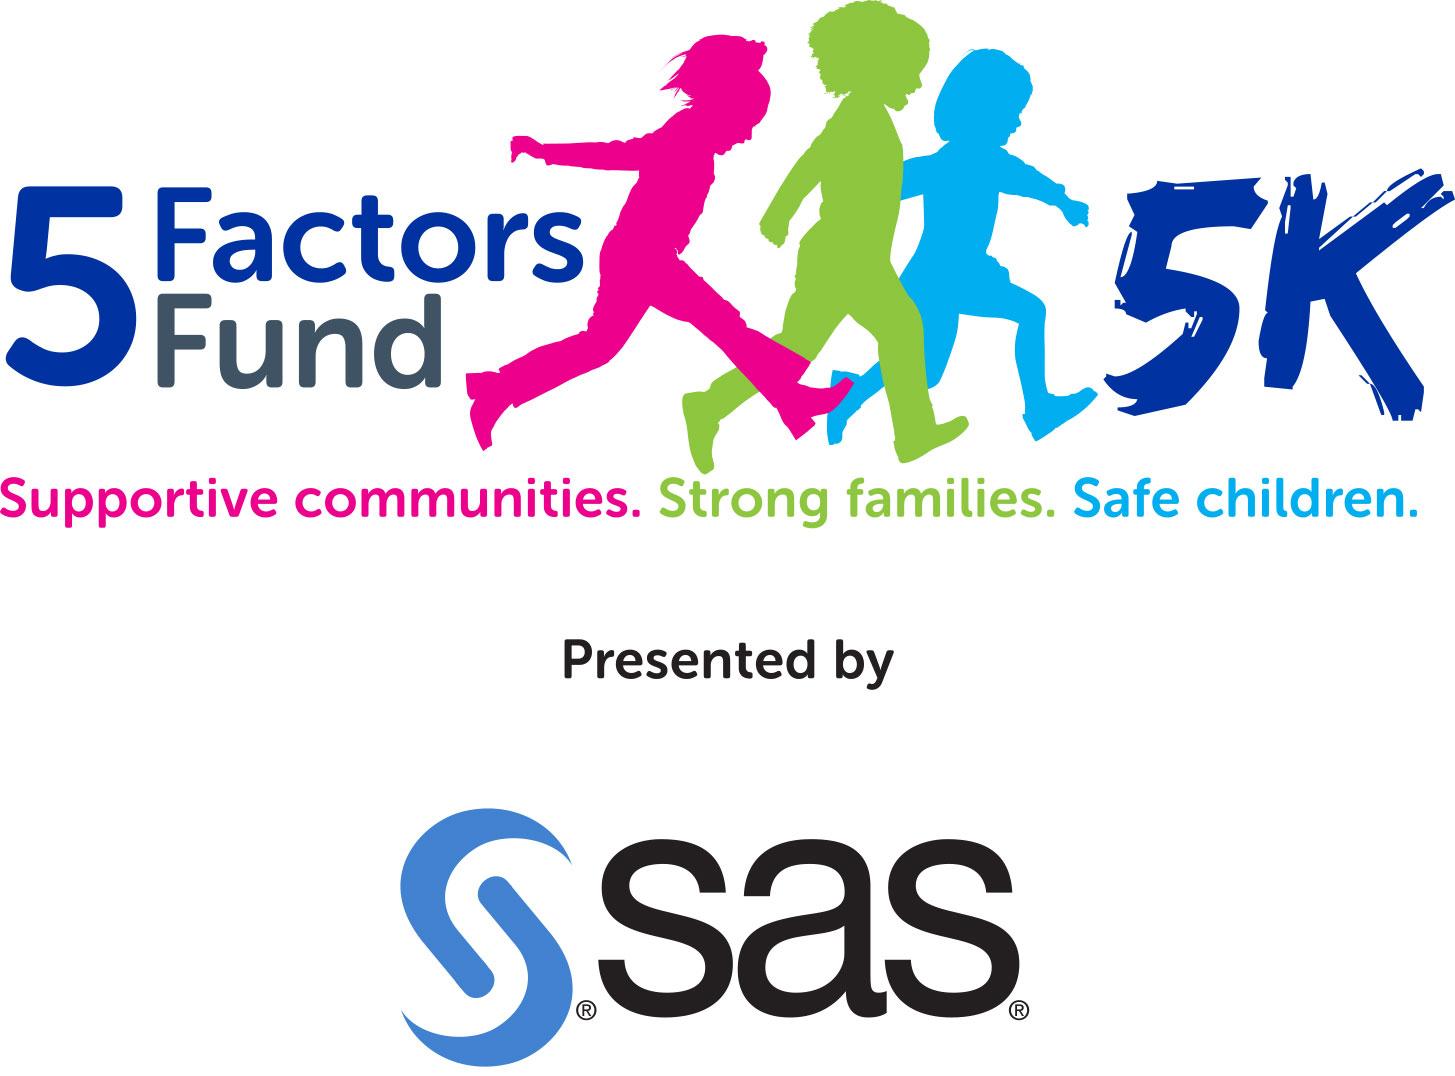 5 Factors 5K